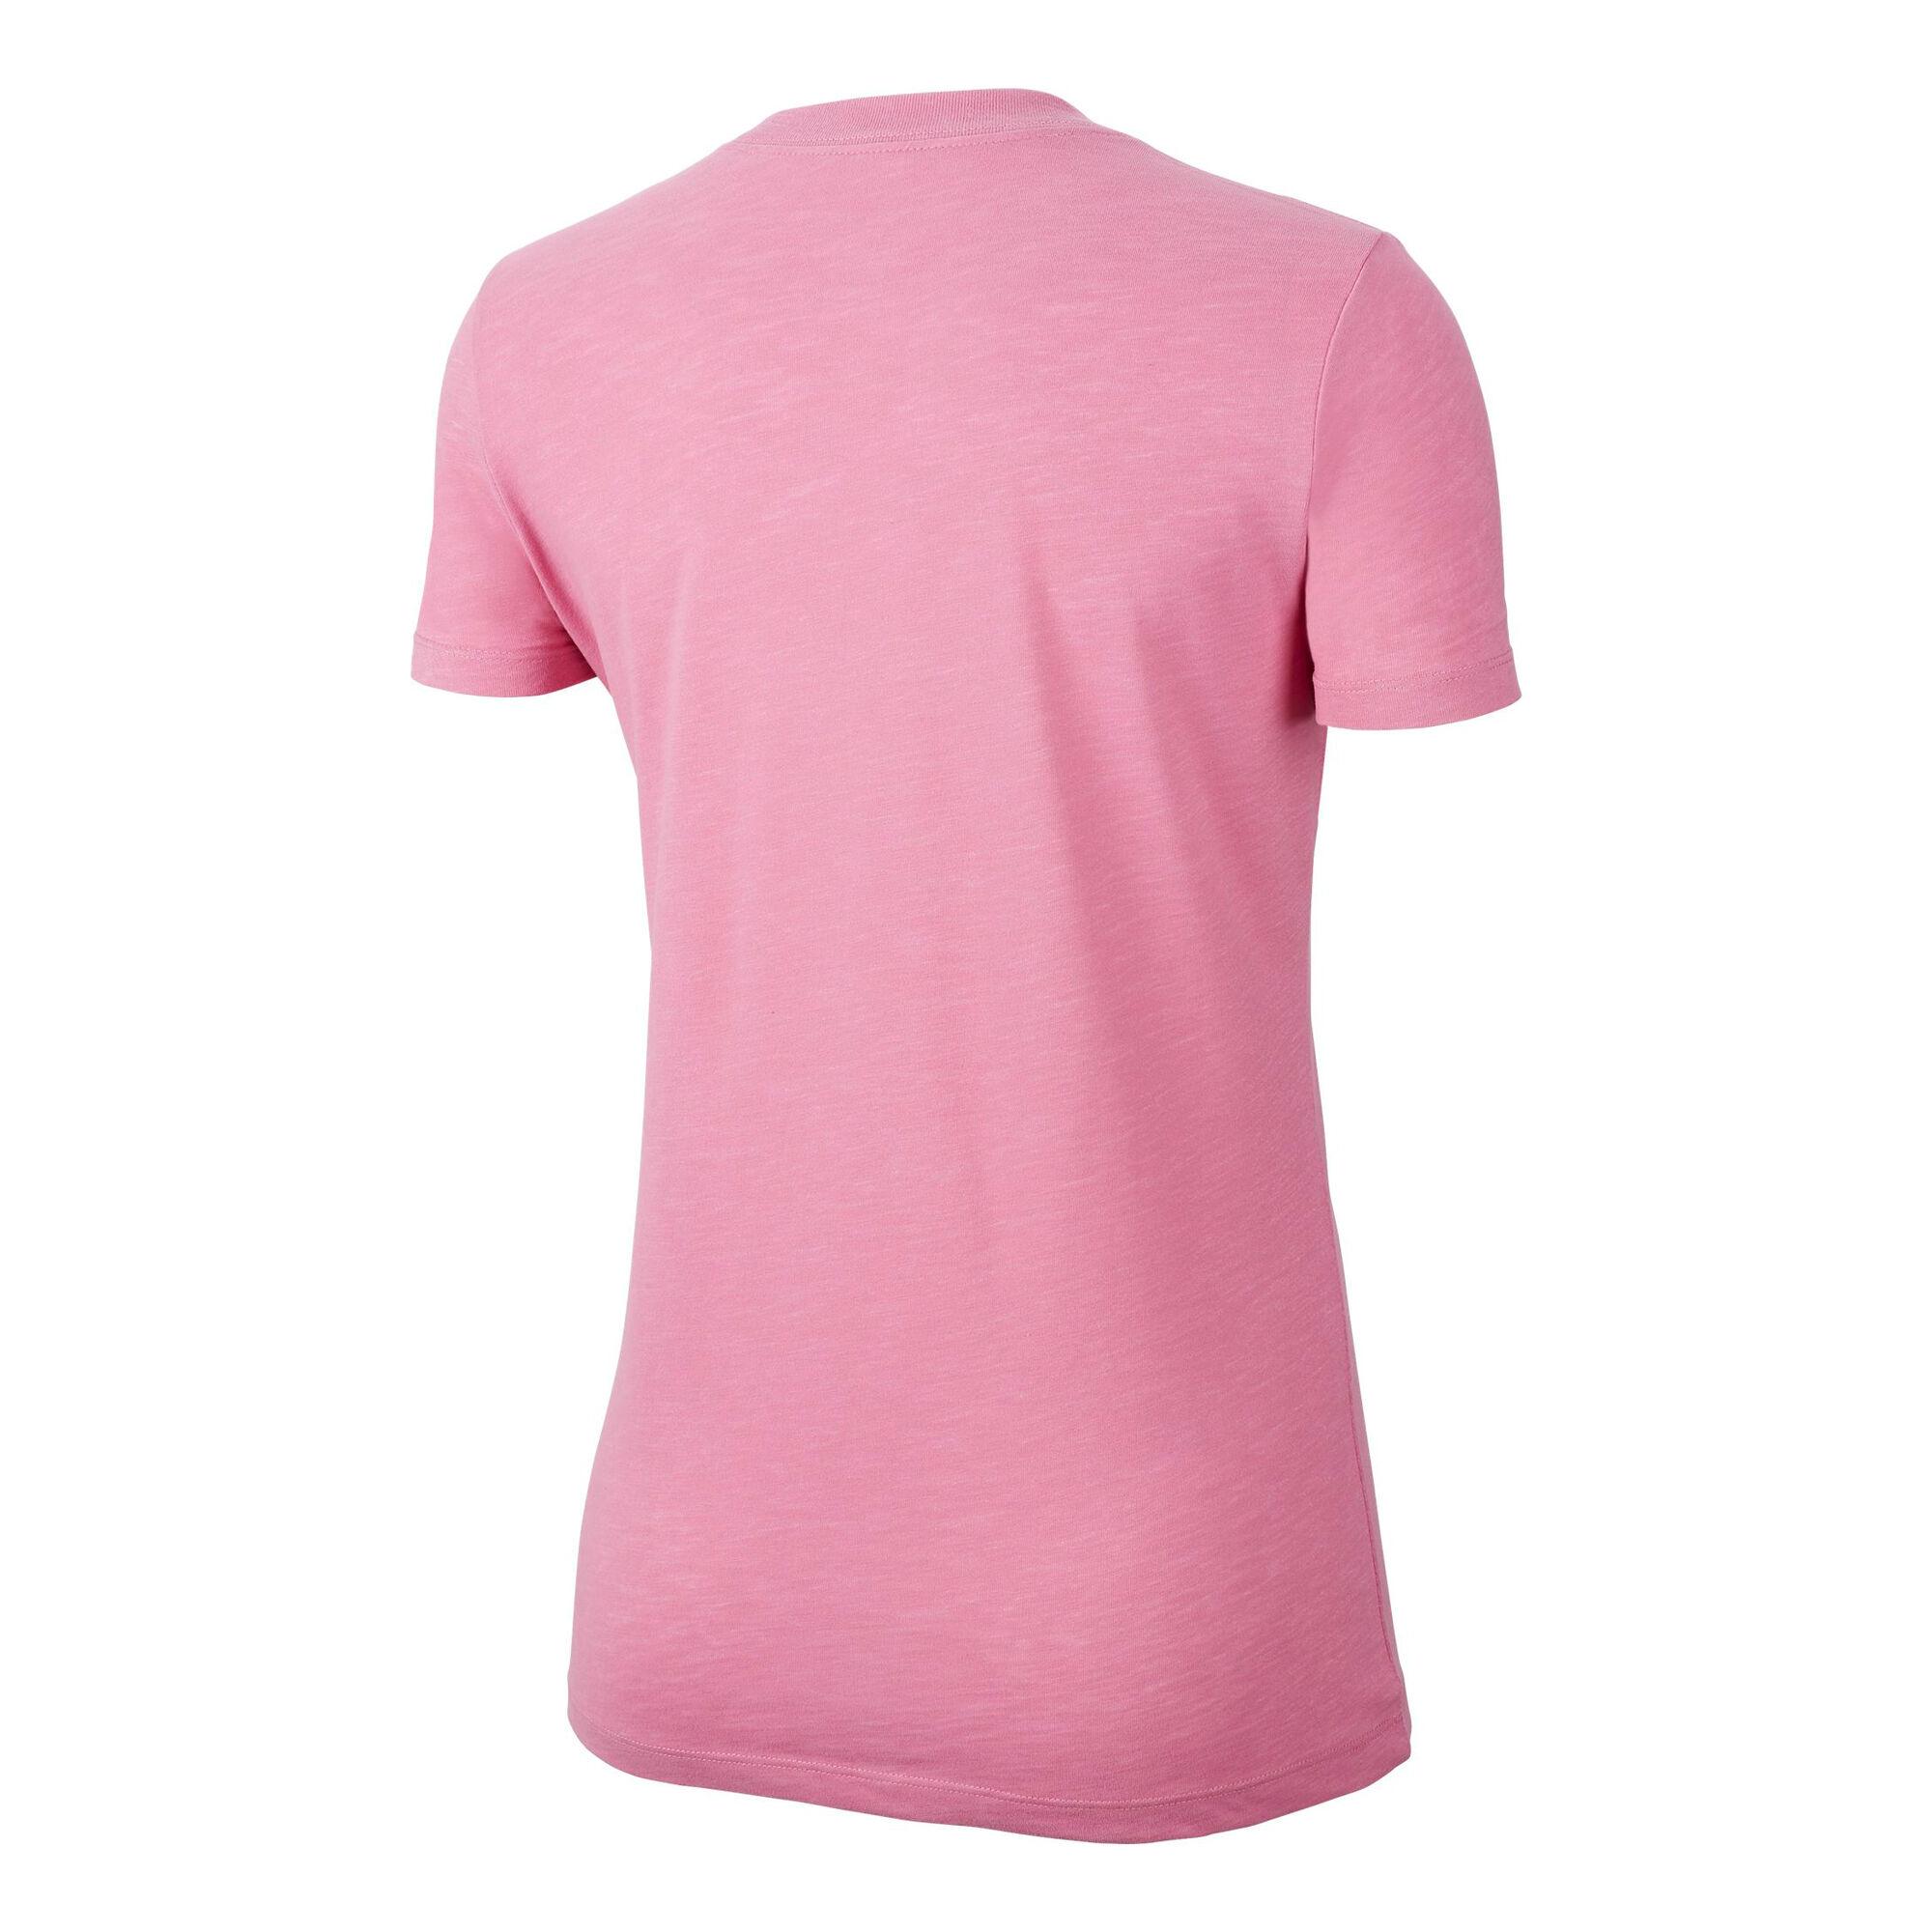 nike dry t-shirt damen - rosa, weiß online kaufen   tennis